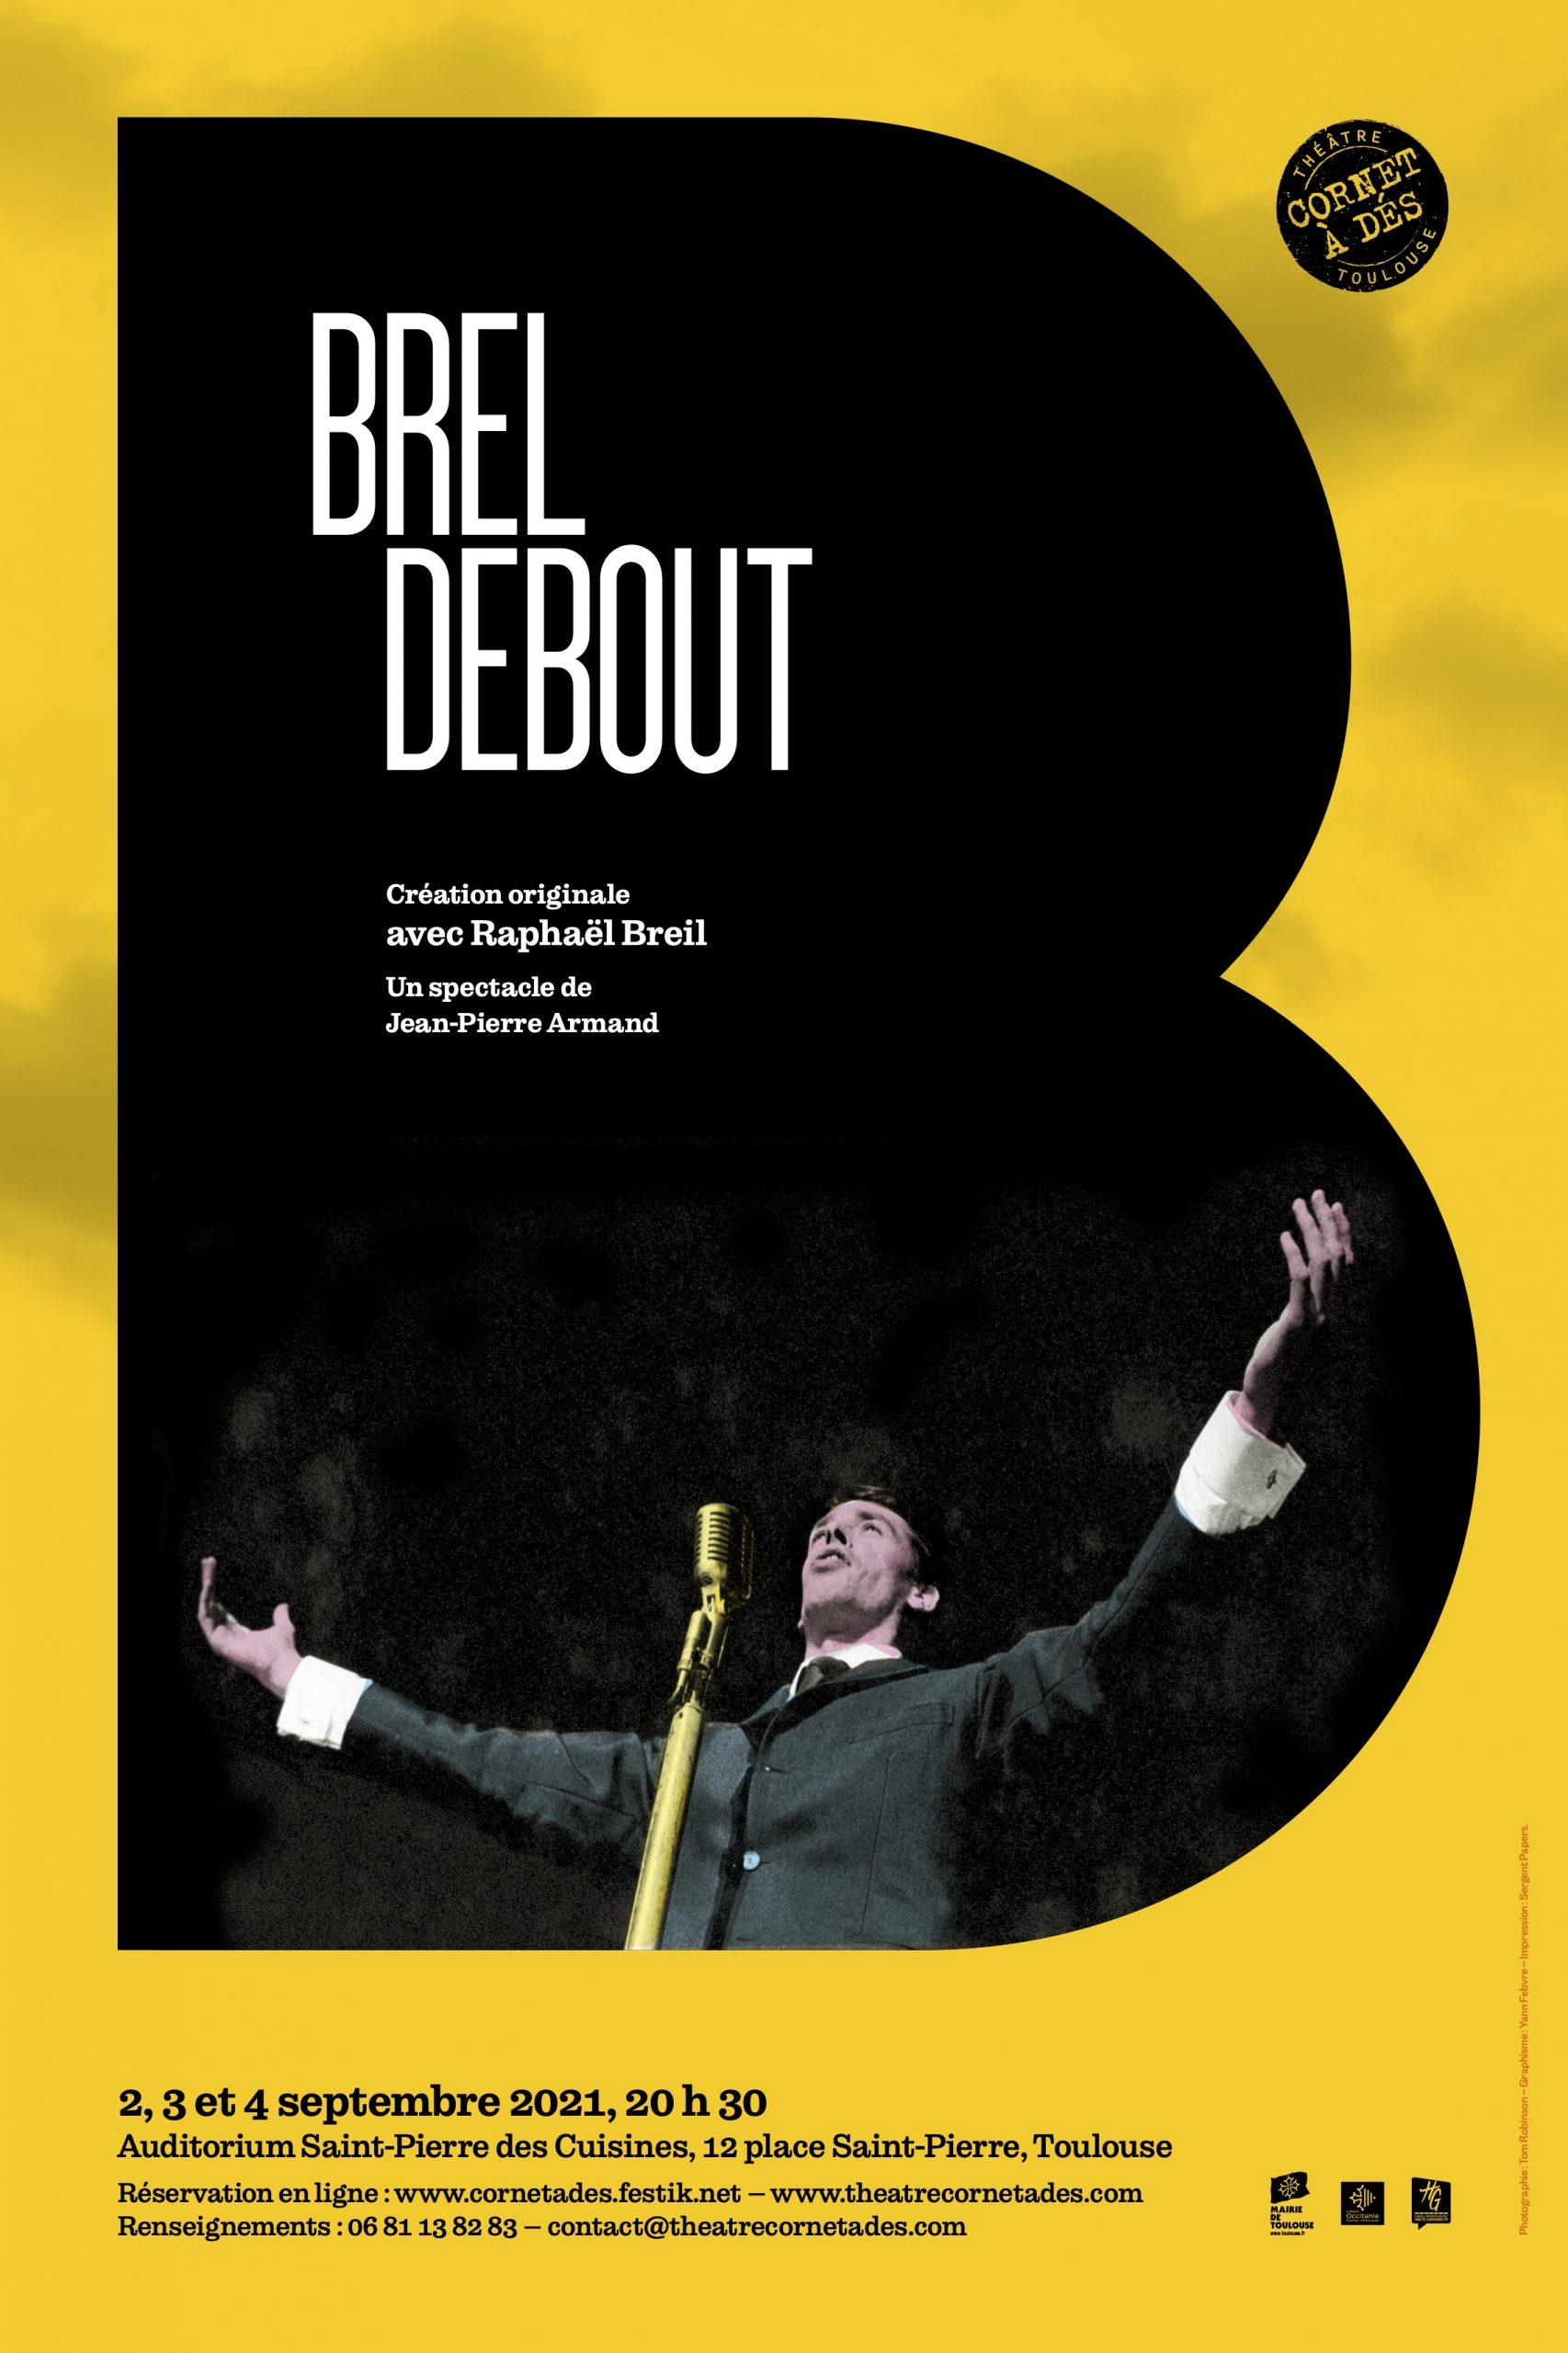 Brel Debout